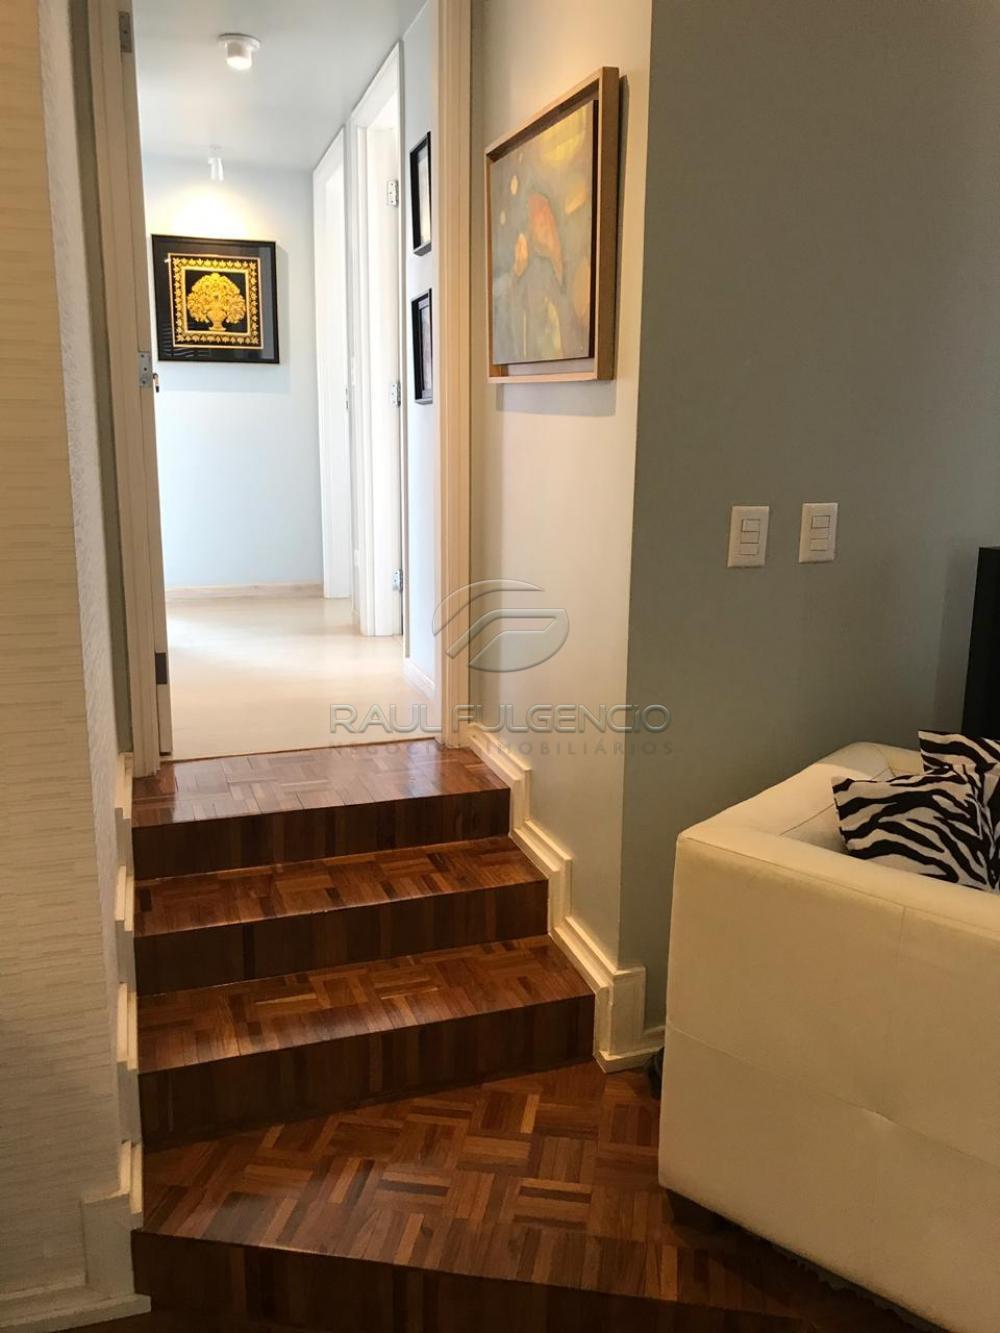 Comprar Apartamento / Padrão em Londrina apenas R$ 350.000,00 - Foto 8